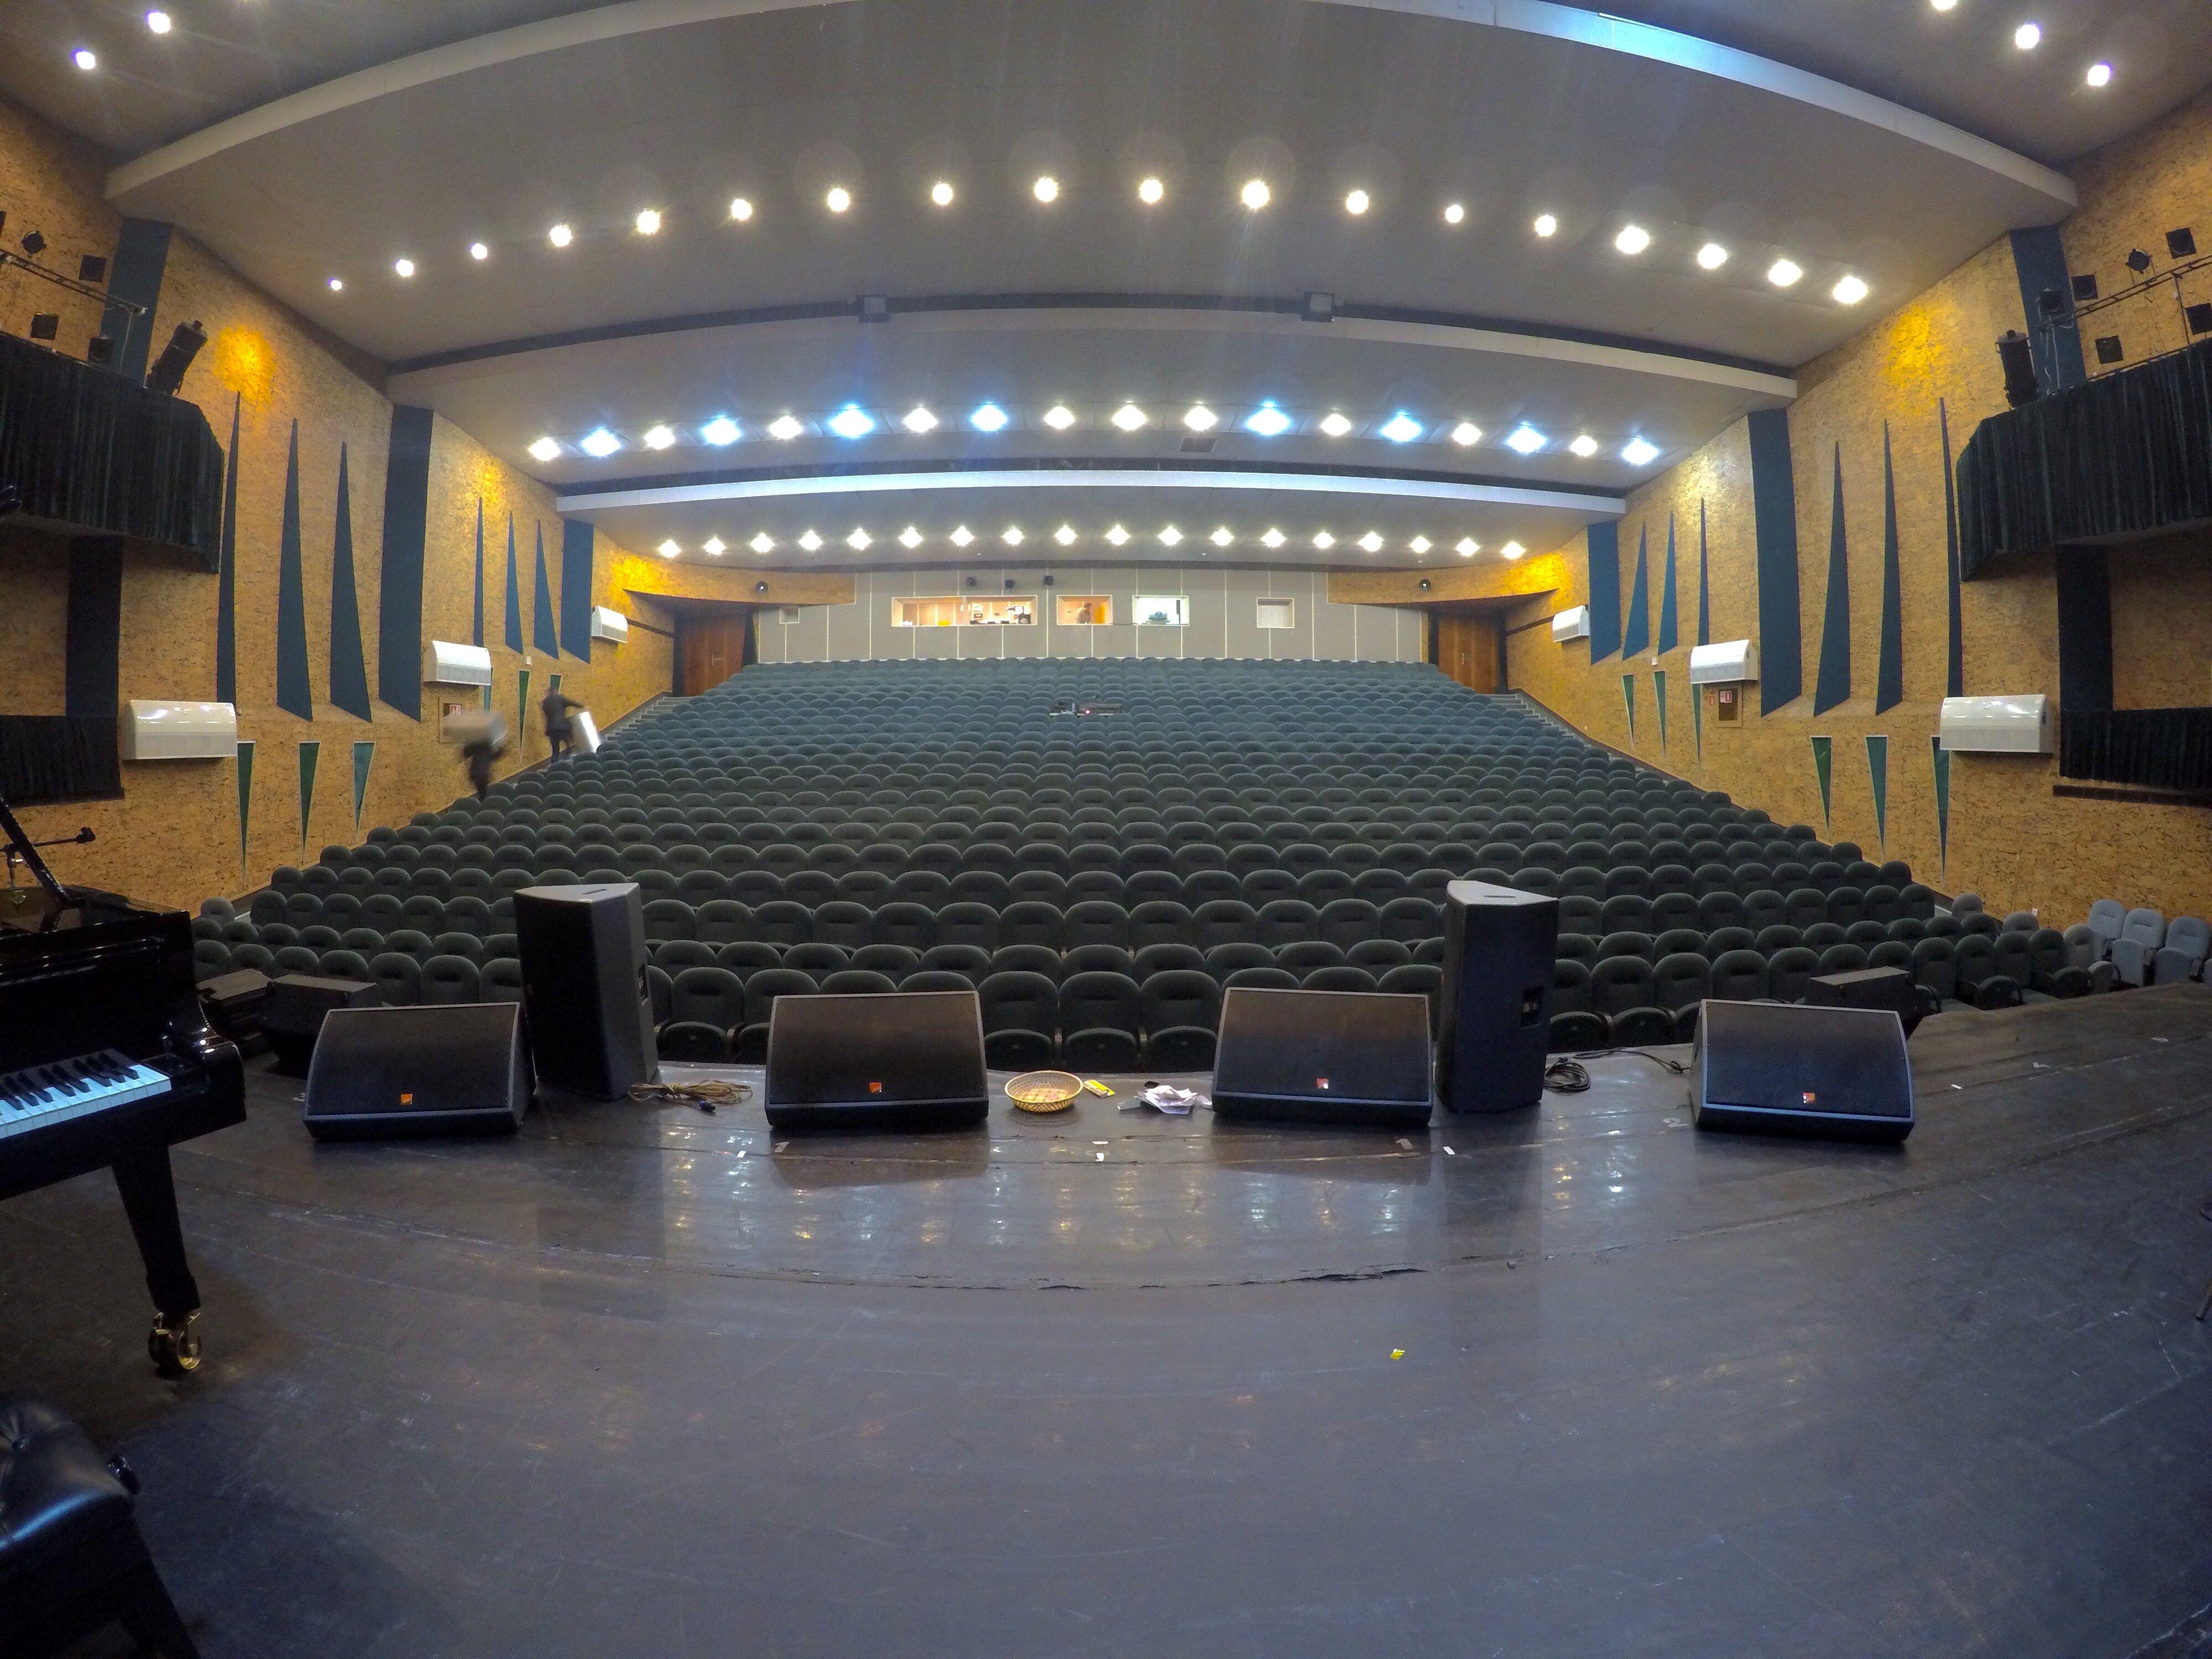 сайте представлена калининградский театр эстрады фото боковые